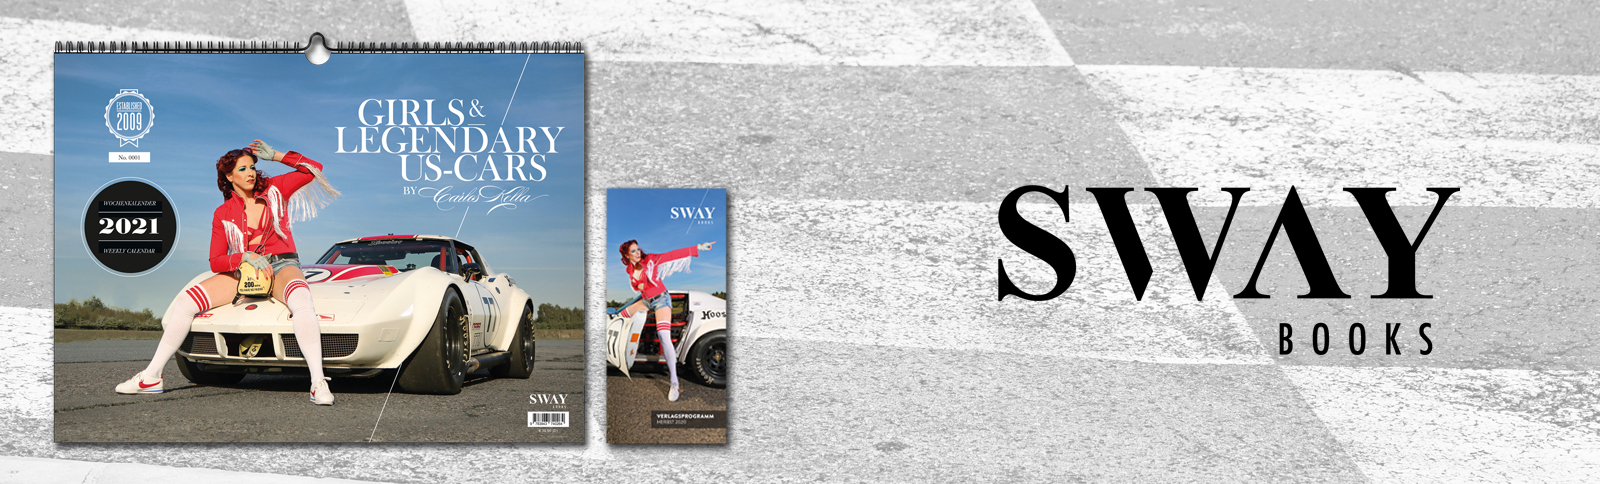 """Design und Produktionsabwicklung für die 13. Ausgabe des """"Girls & legendary US-Cars"""" Wochenkalenders für SWAY Books durch Kähler & Kähler."""